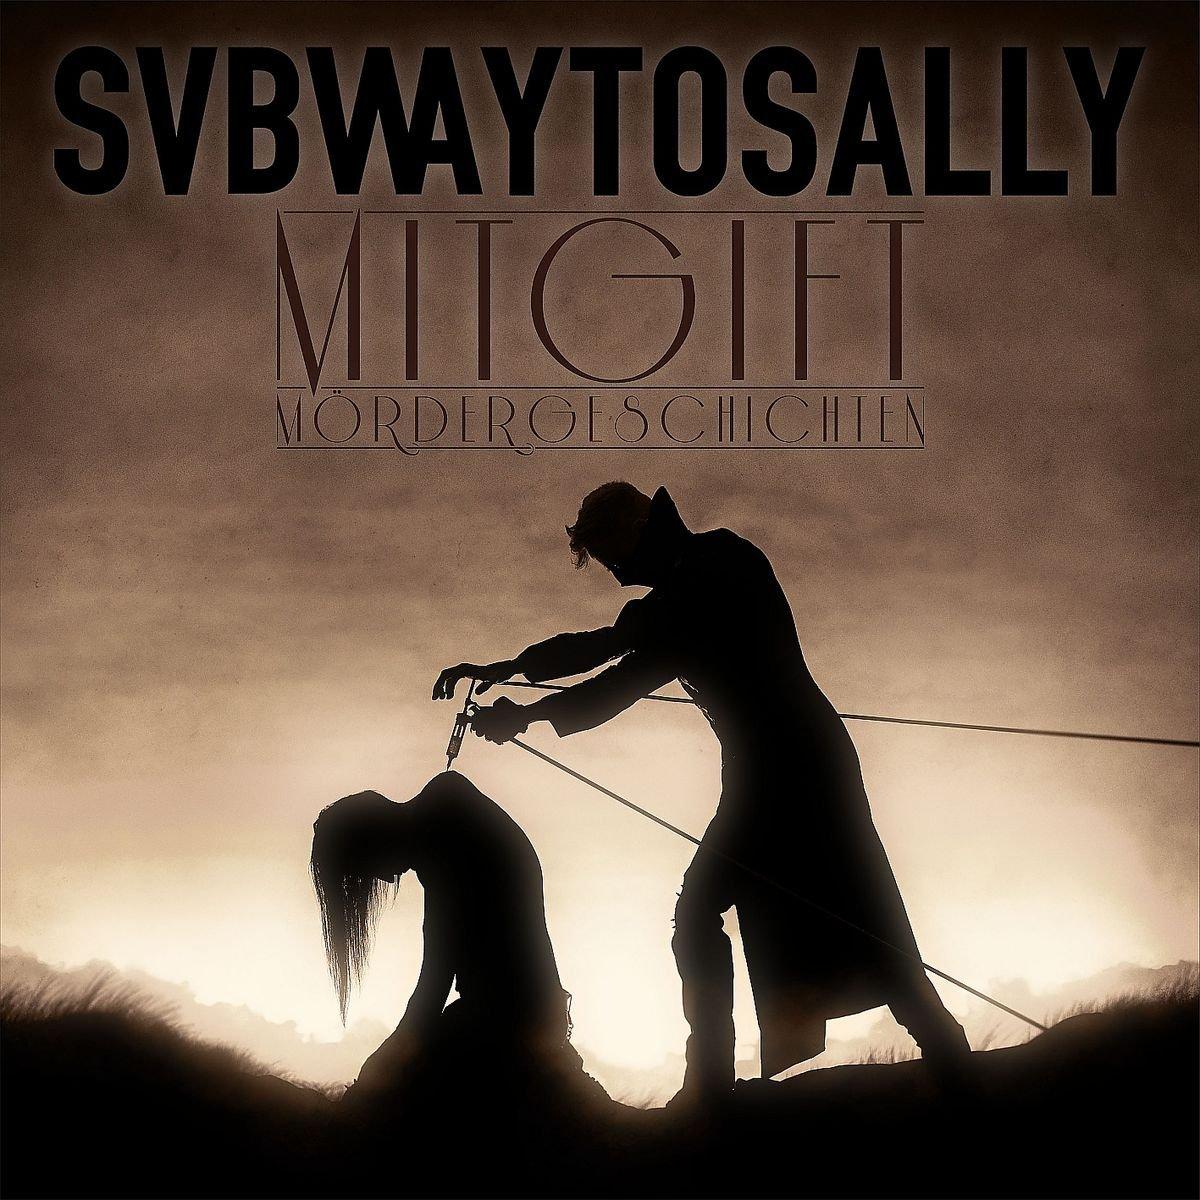 Subway To Sally MITGIFT